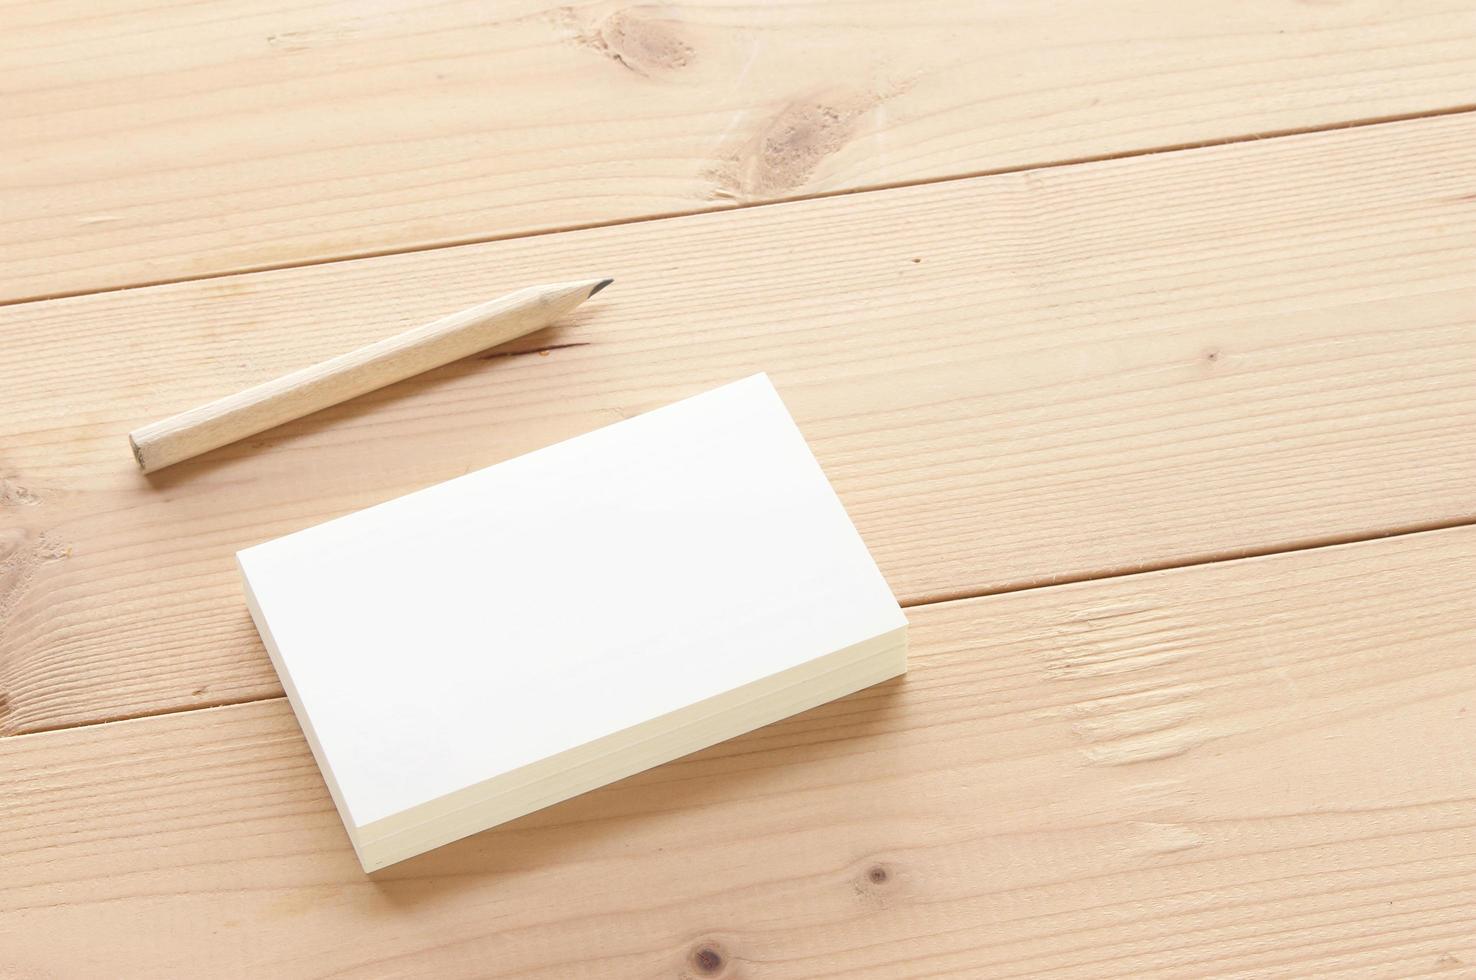 cartão de visita com maquete de lápis foto